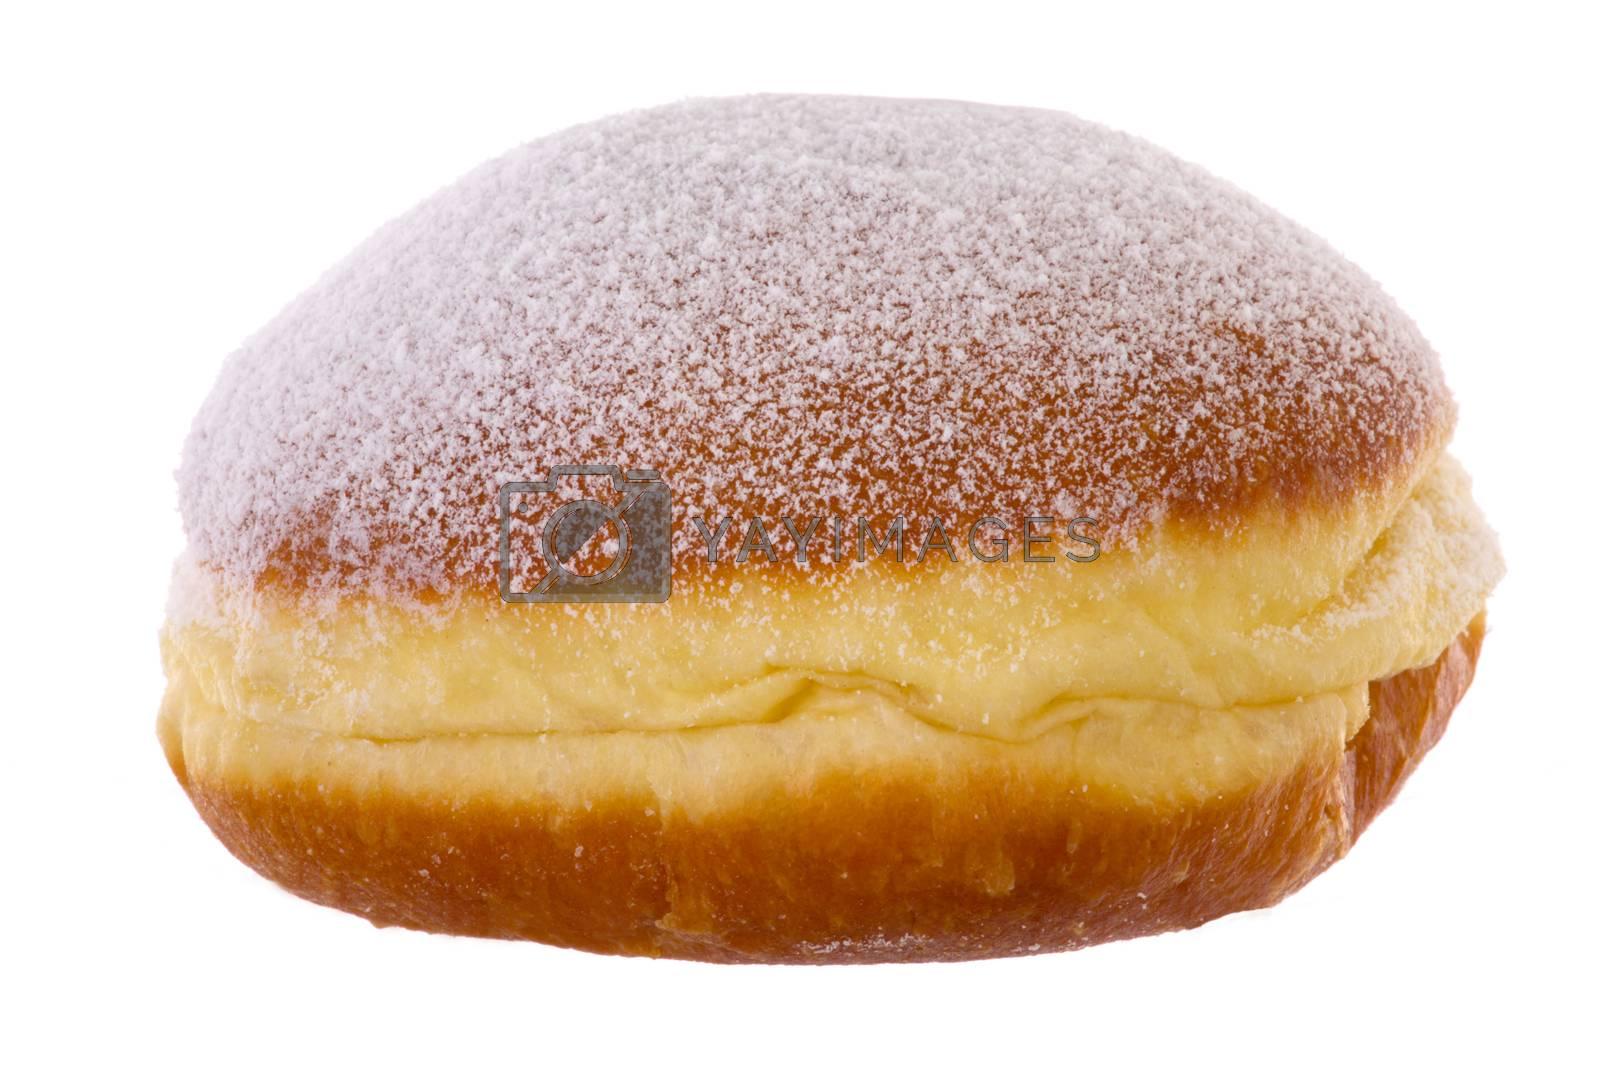 Royalty free image of Krapfen Berliner Pfannkuchen Bismarck Donut by gwolters